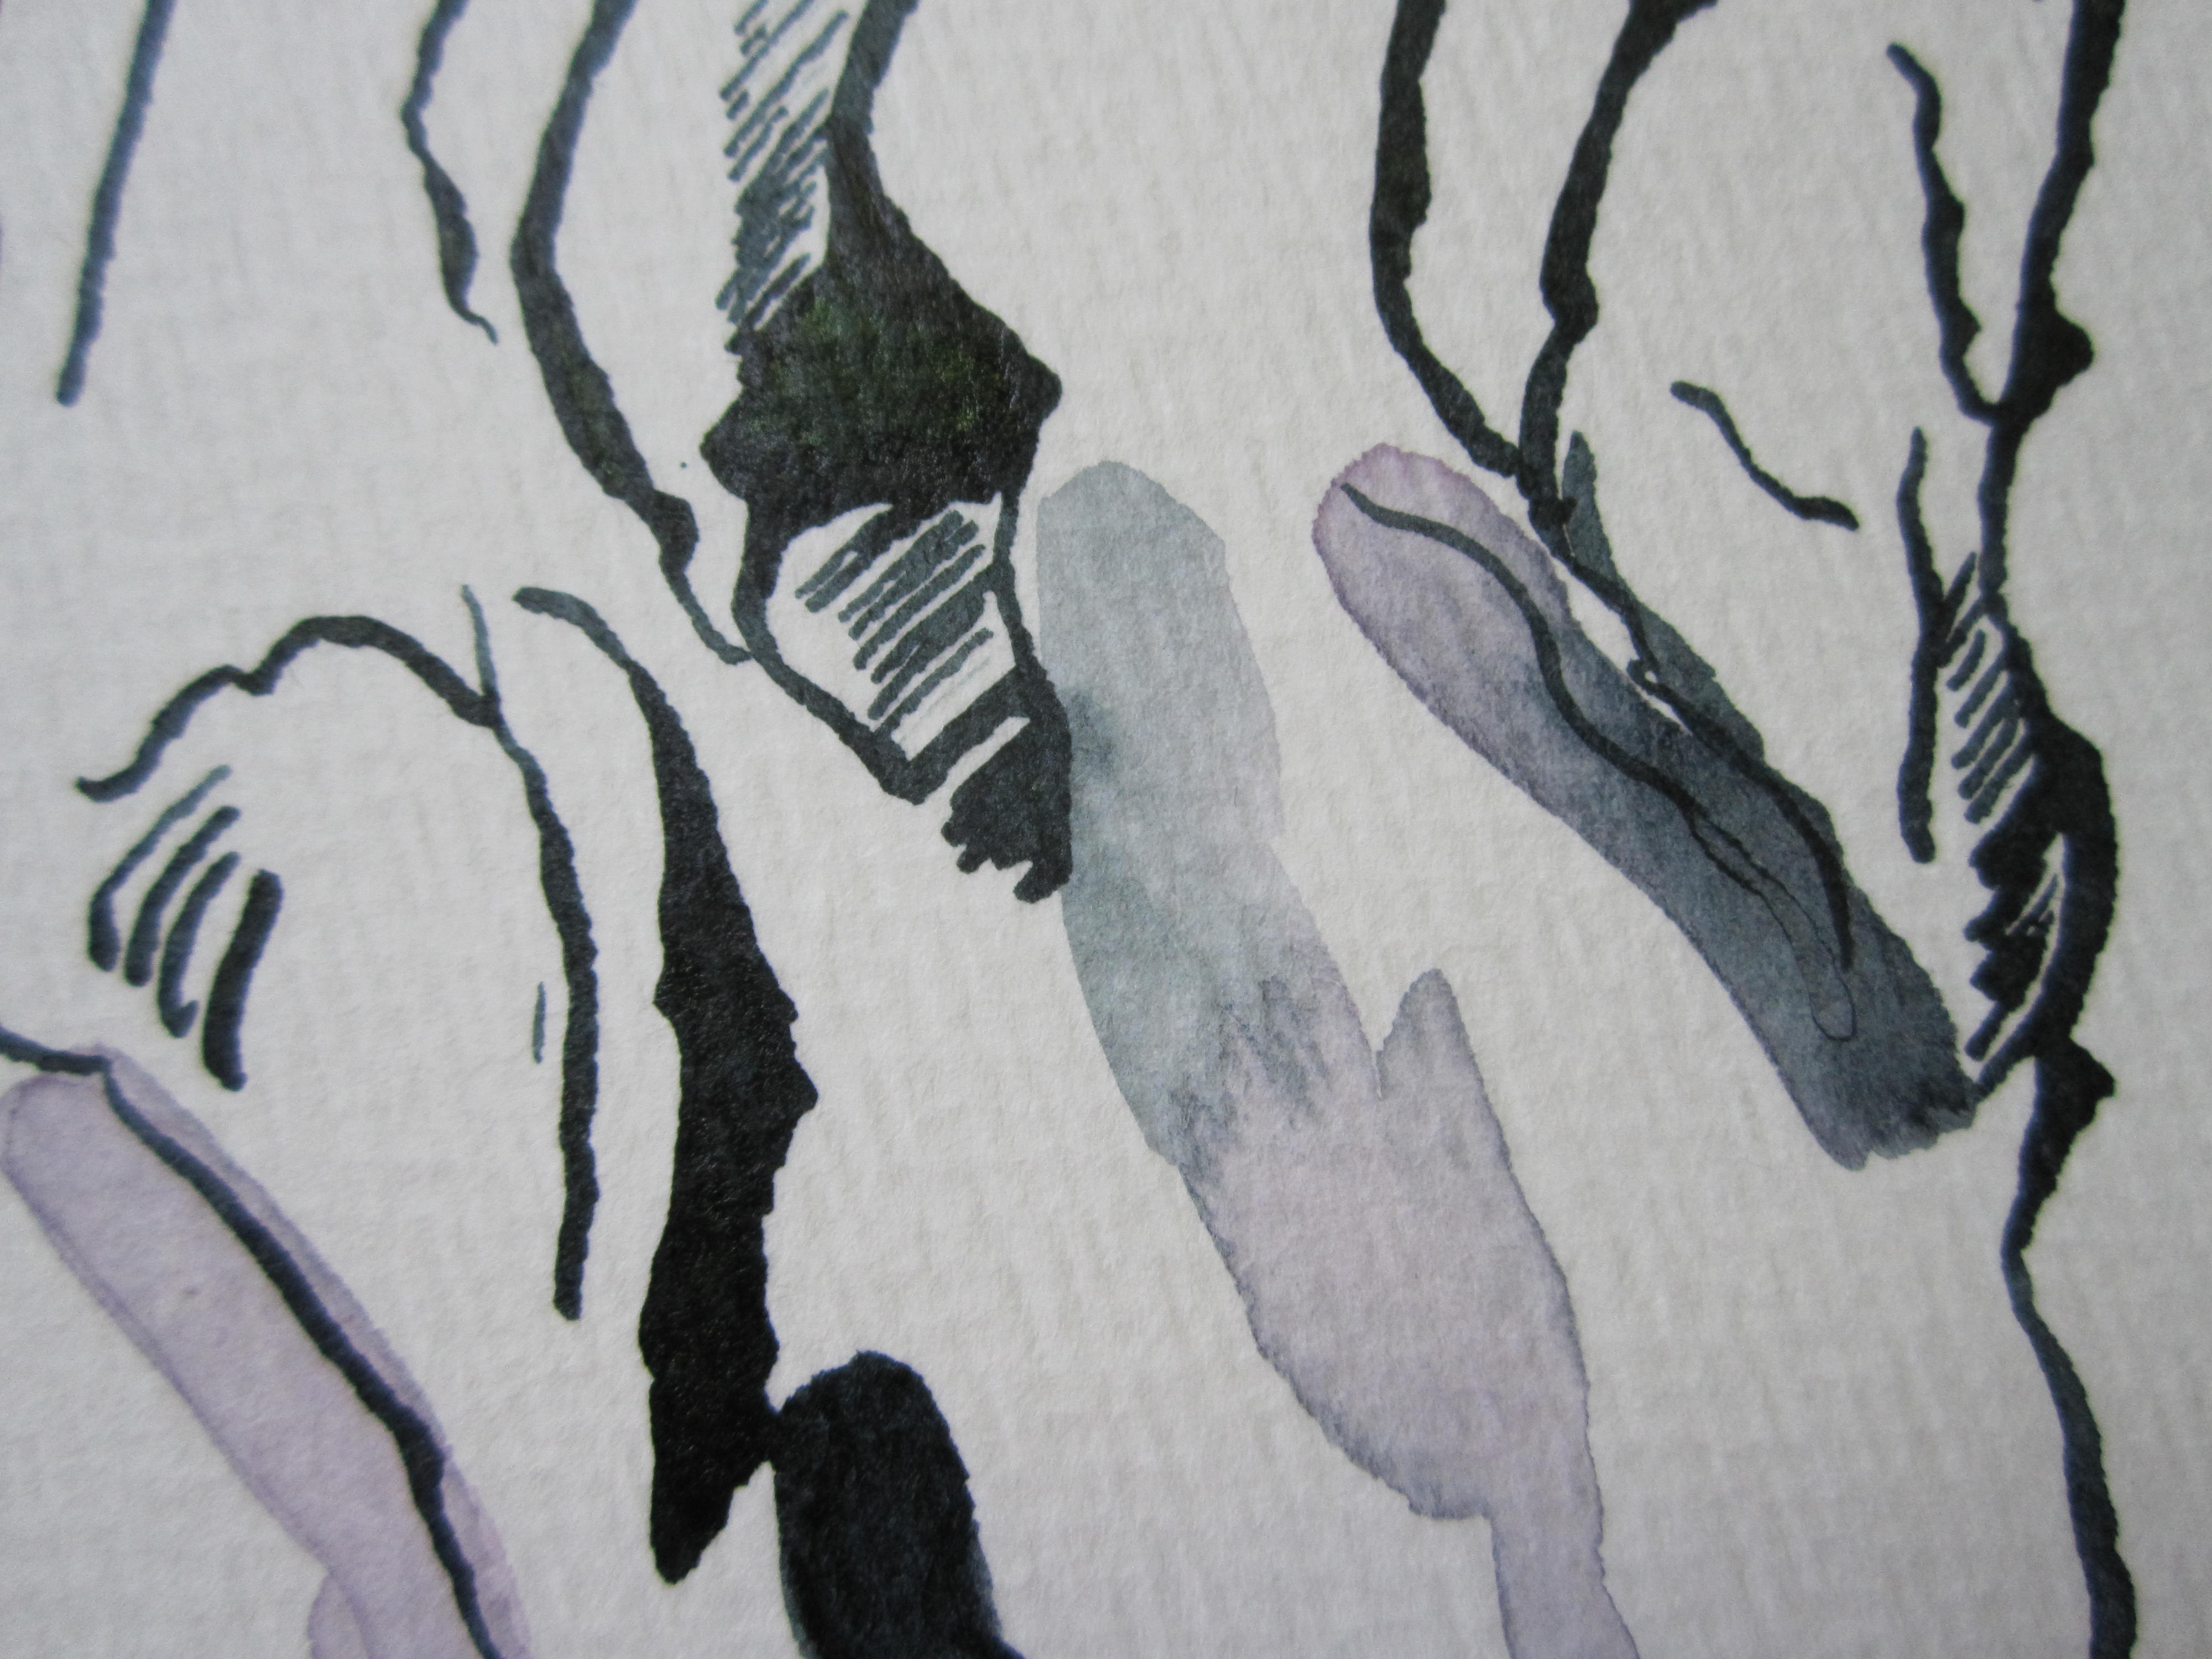 Ausschnitt 1 - Hände am Klavier - Zeichnung von Susanne Haun